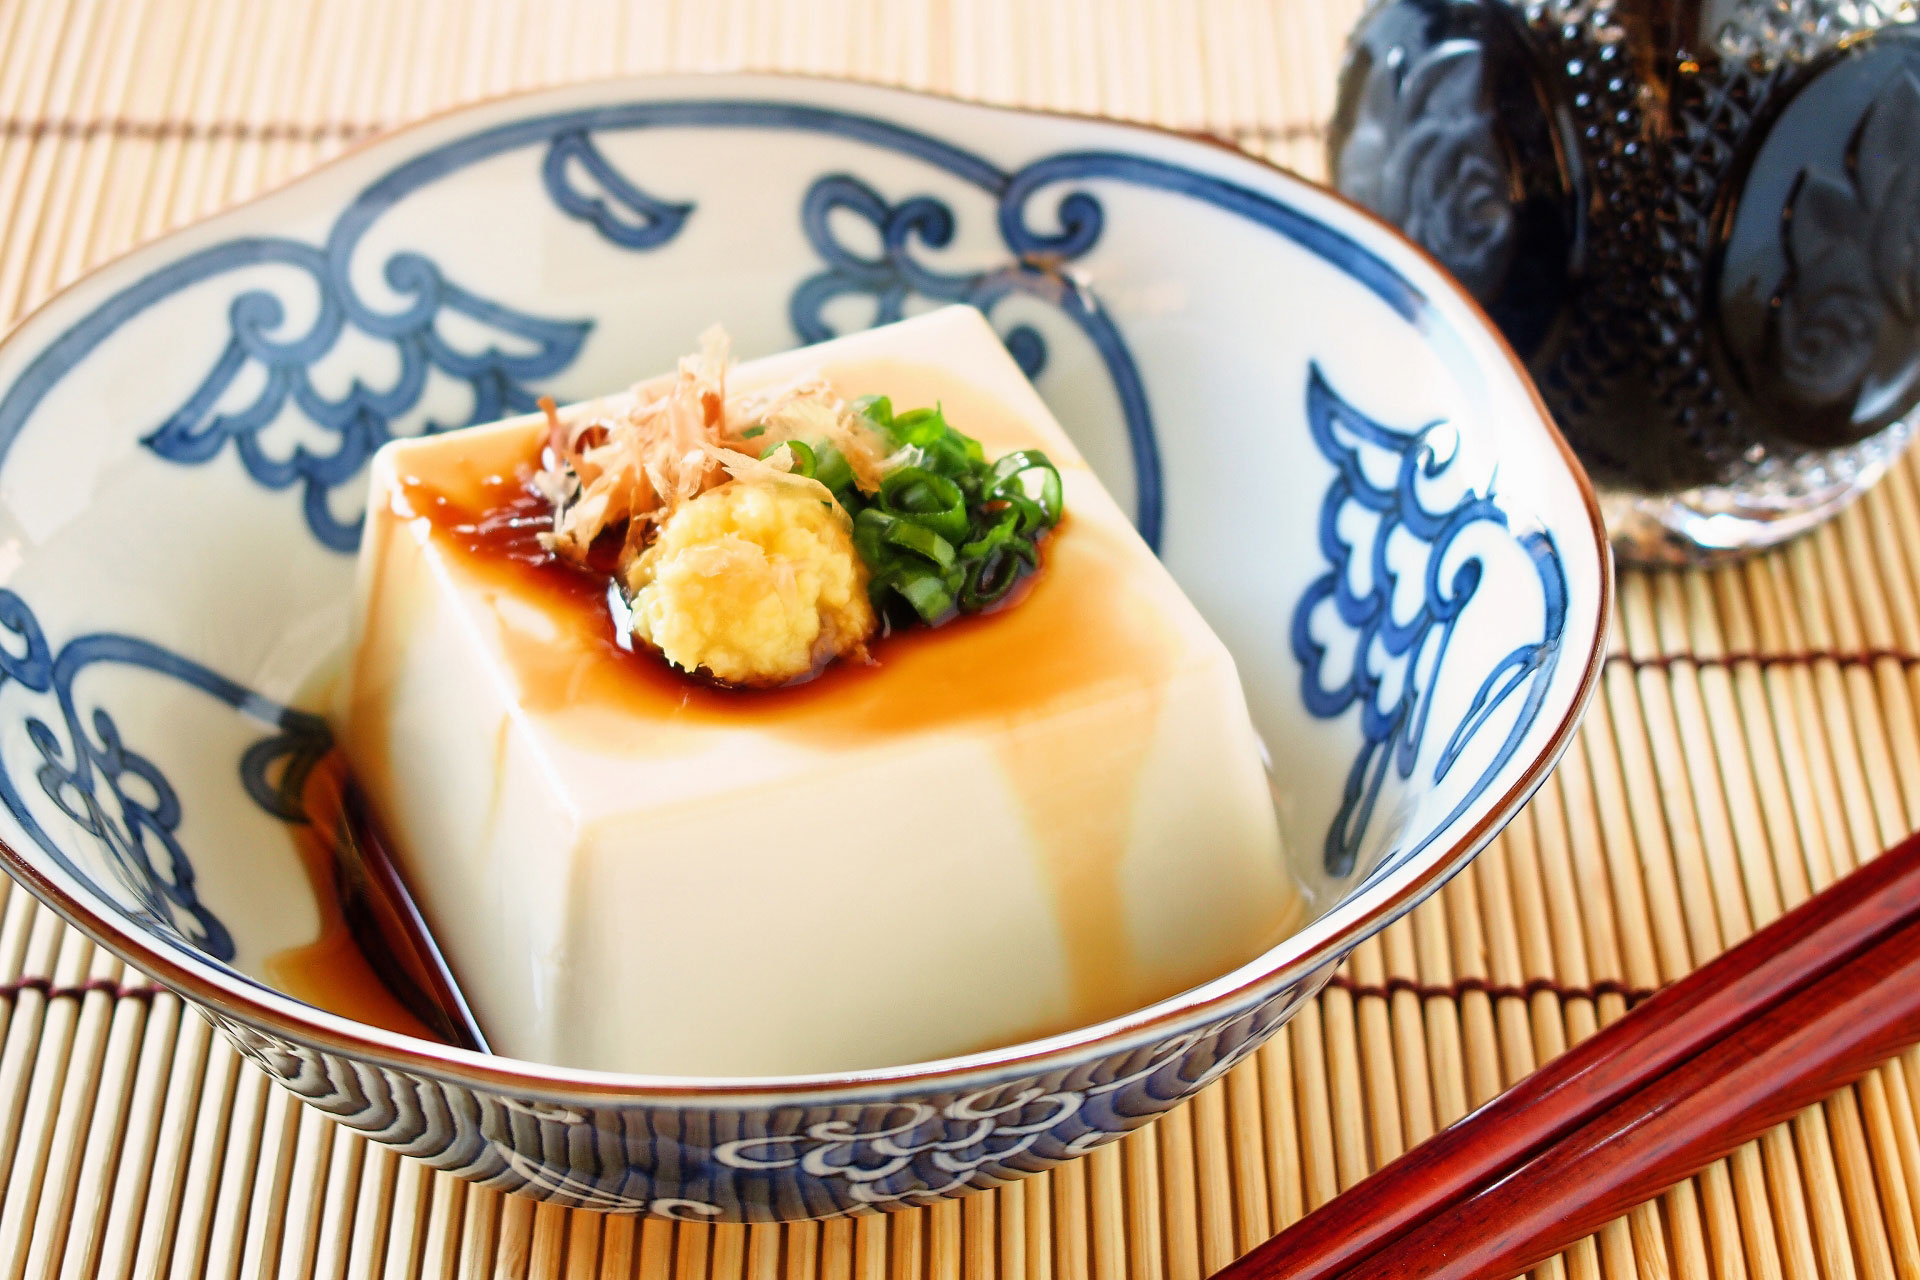 授乳中でもできる産後ダイエット!忙しいママに「食べながら痩せるダイエット」のススメ。豆腐